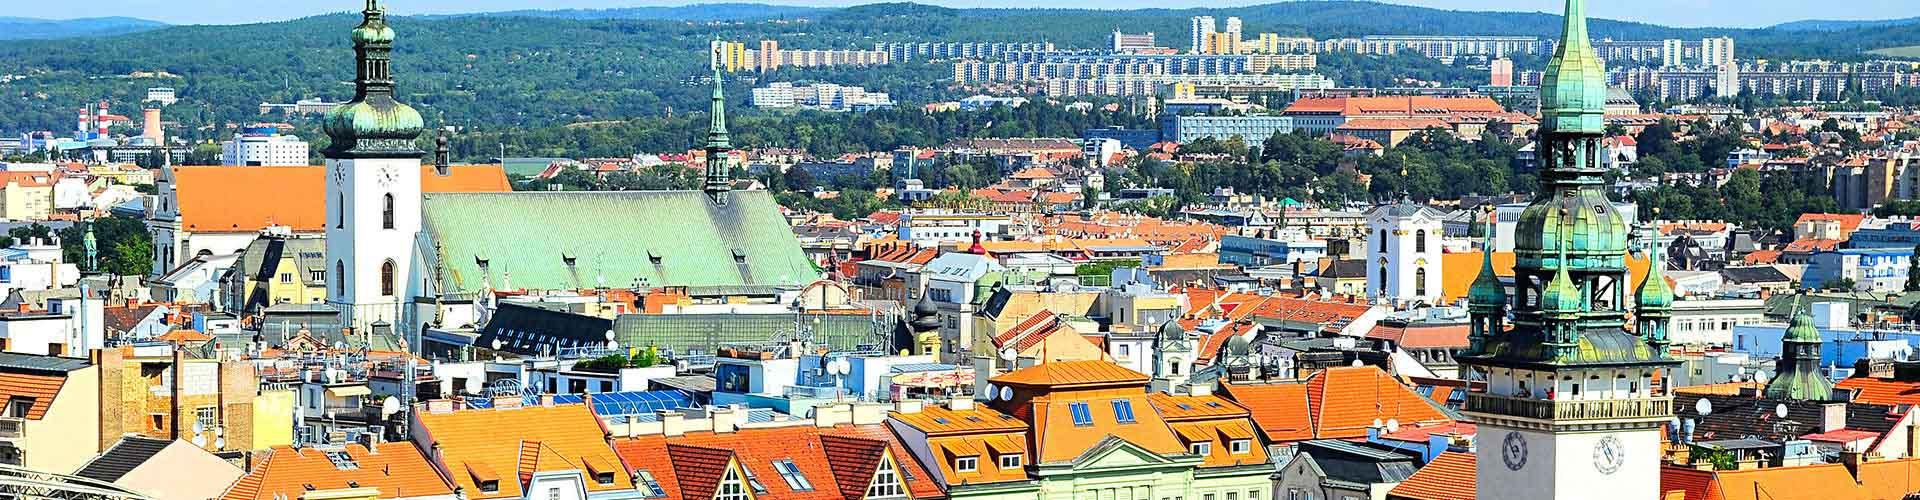 Brno - Hostele w mieście: Brno, Mapy: Brno, Zdjęcia i Recenzje dla każdego hostelu w mieście Brno.